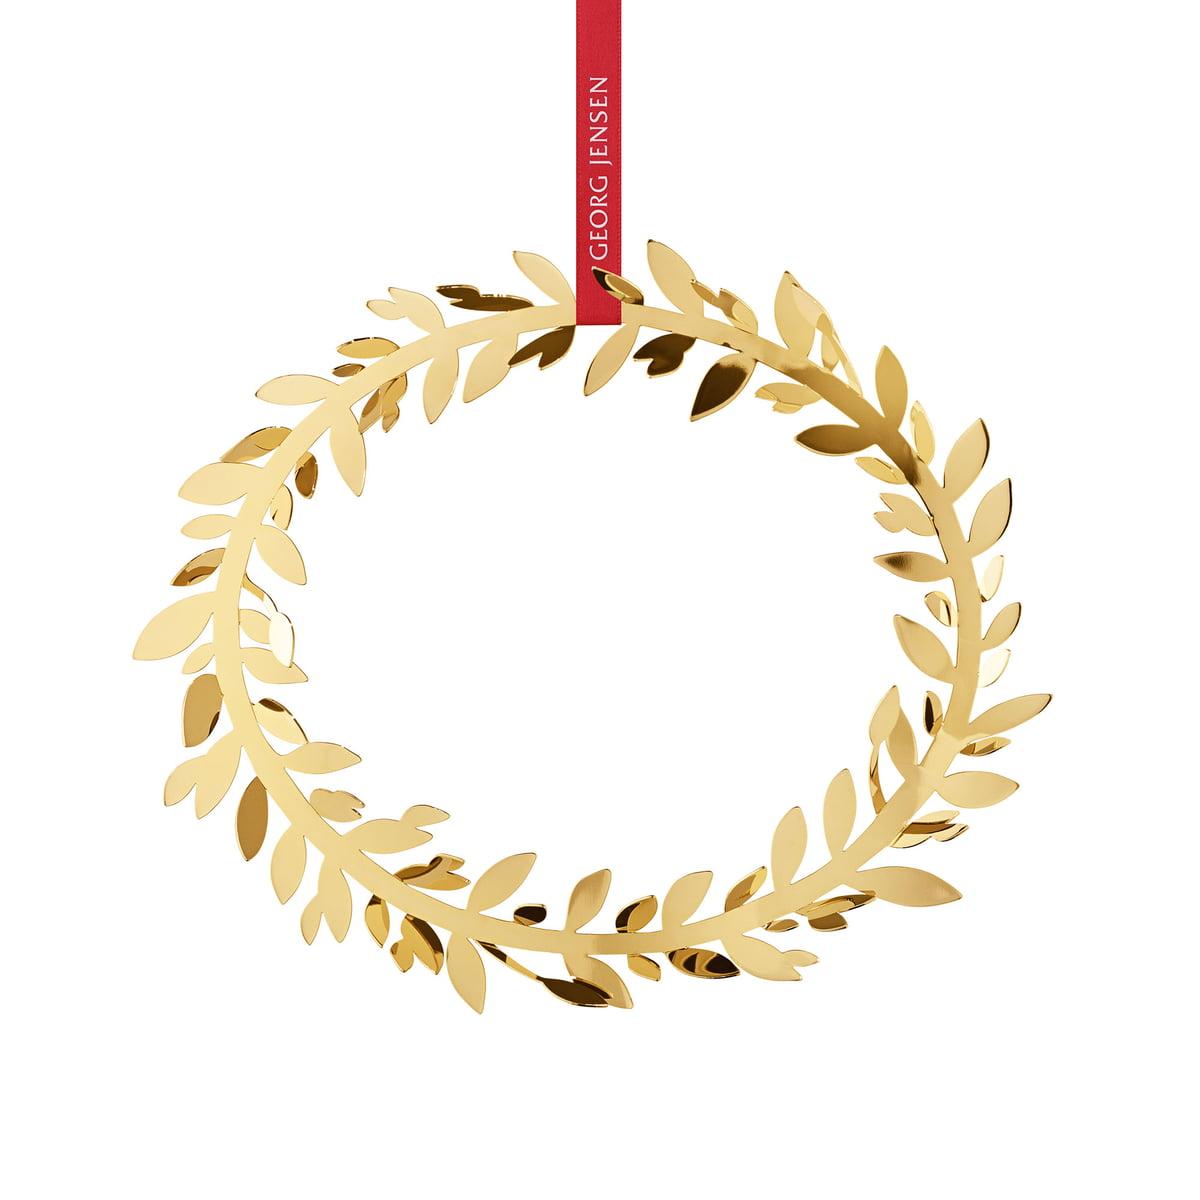 Georg Jensen - Weihnachtsschmuck Magnolia Kranz, gold | Dekoration > Dekopflanzen > Kränze | Gold | Messing mit 18 karat goldauflage | Georg Jensen